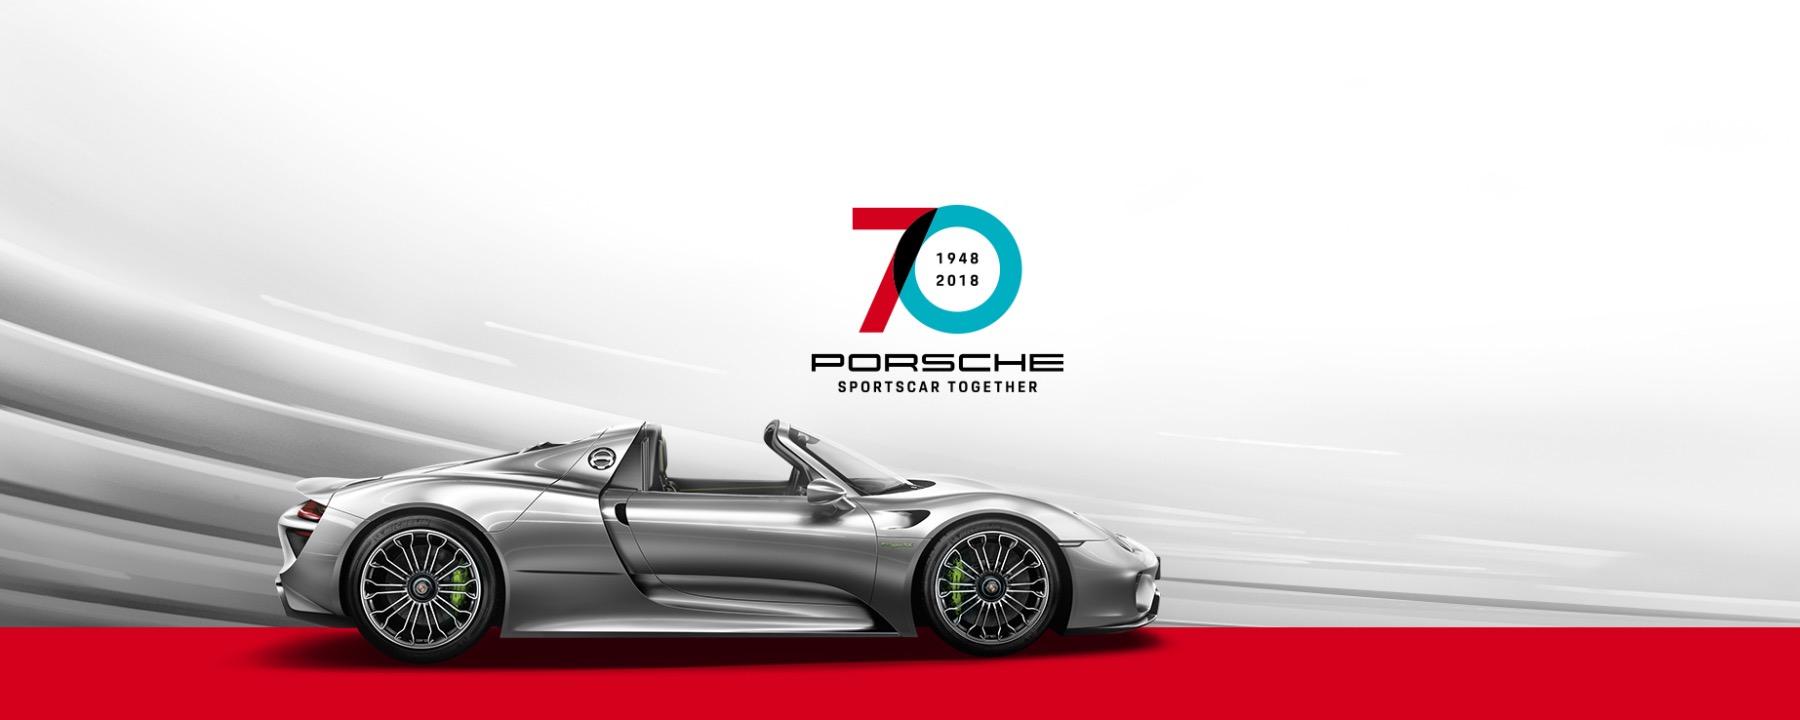 Land Rover Rancho Mirage >> The Porsche Sports Car Turns 70 - indiGO Auto Group Blog